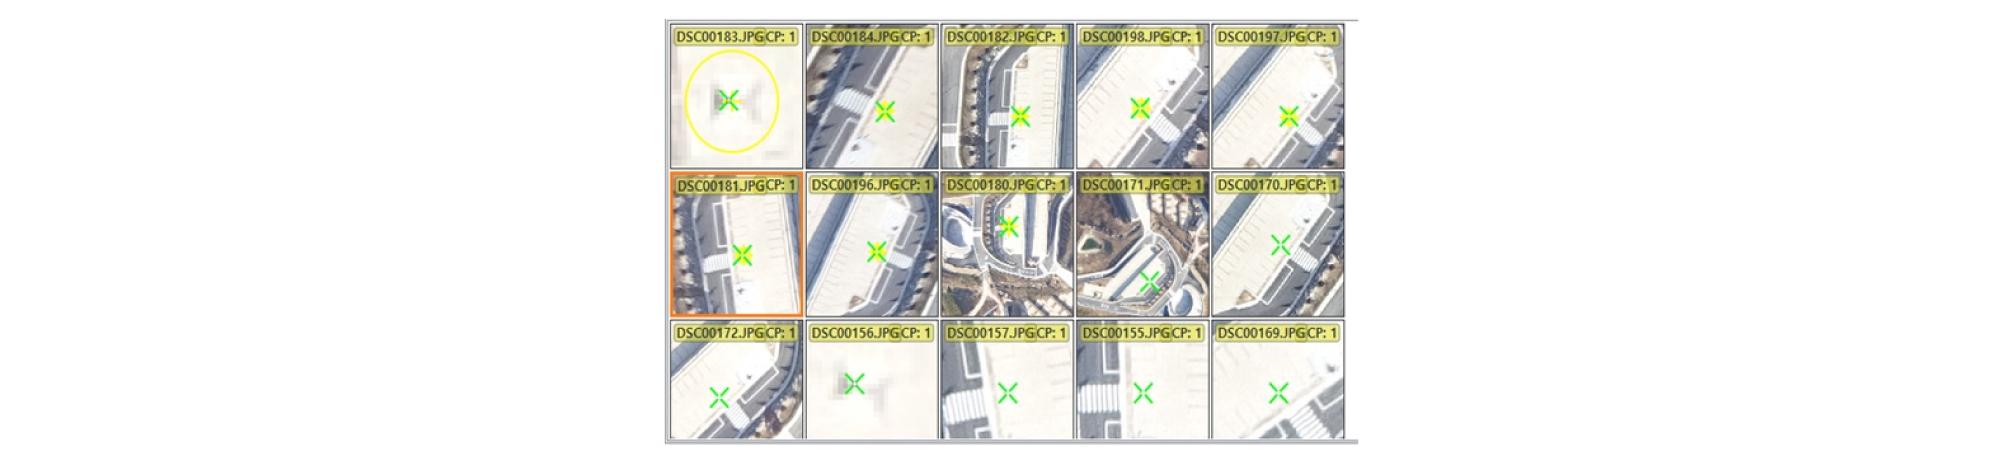 http://static.apub.kr/journalsite/sites/kgss/2020-019-03/N0150190301/images/kgss_19_03_01_F6.jpg